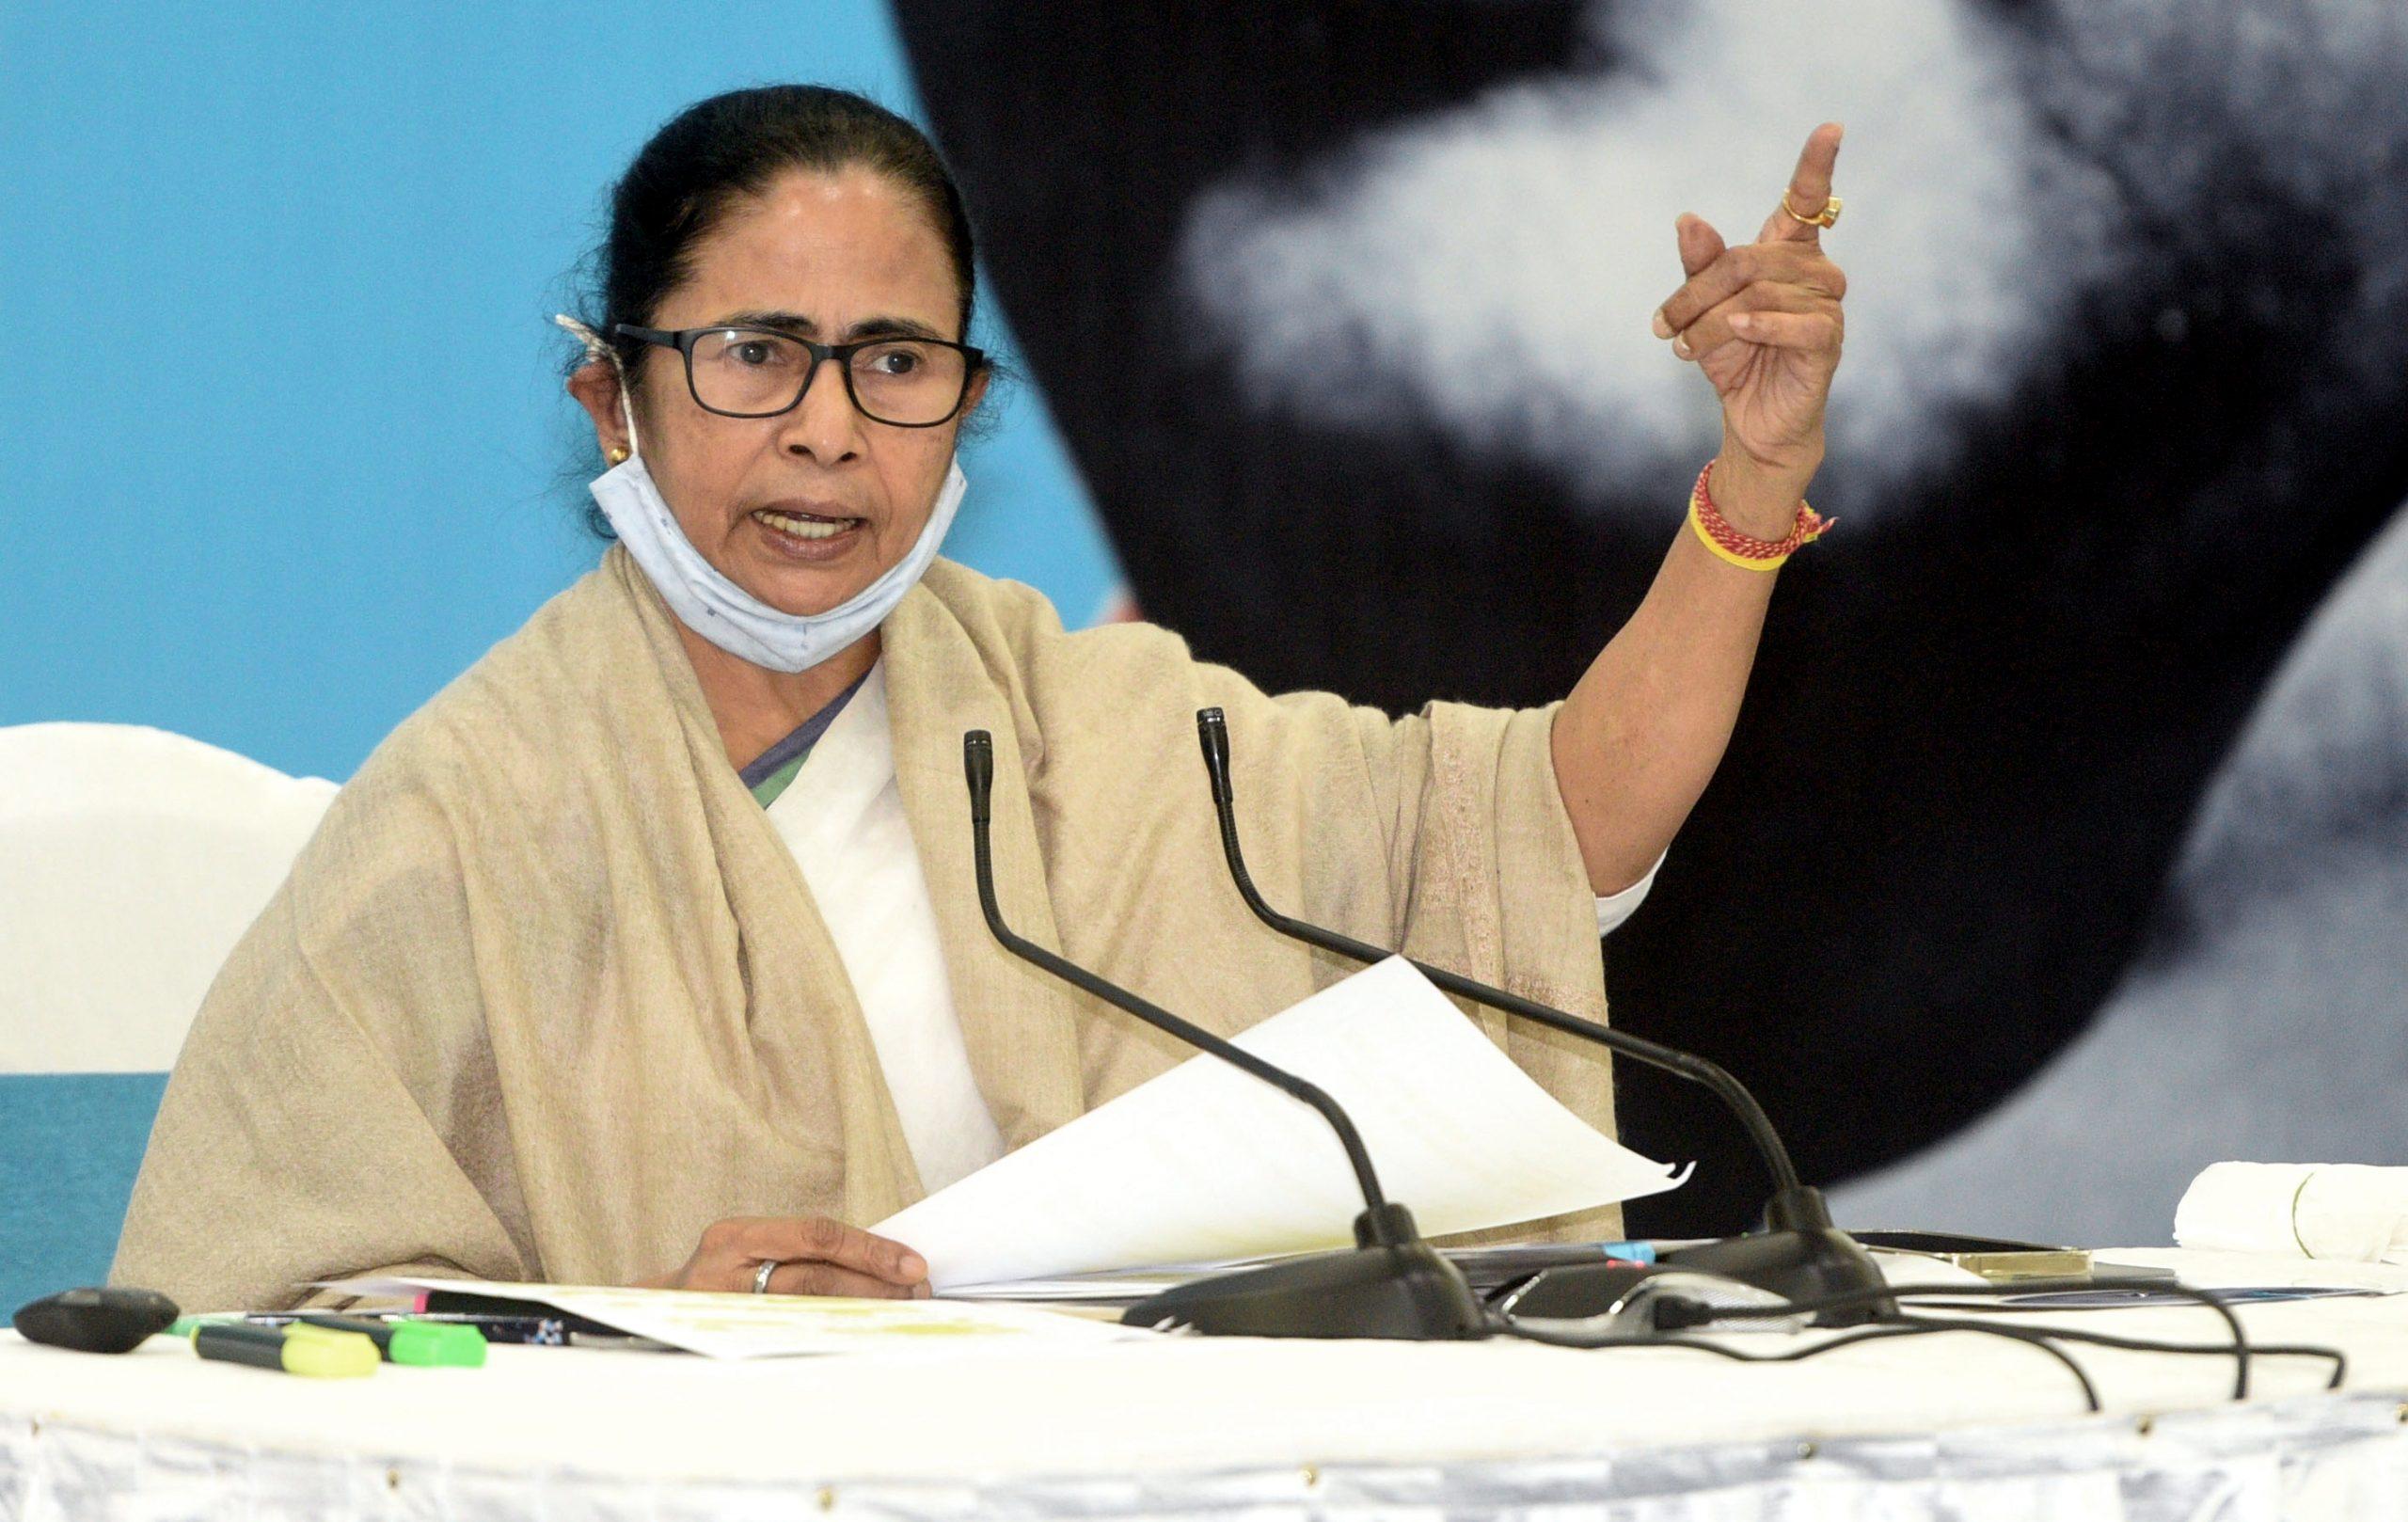 ಬಂಗಾಳ : ಮೇಲೆದ್ದ ದಲಿತ ರಾಜಕಾರಣ